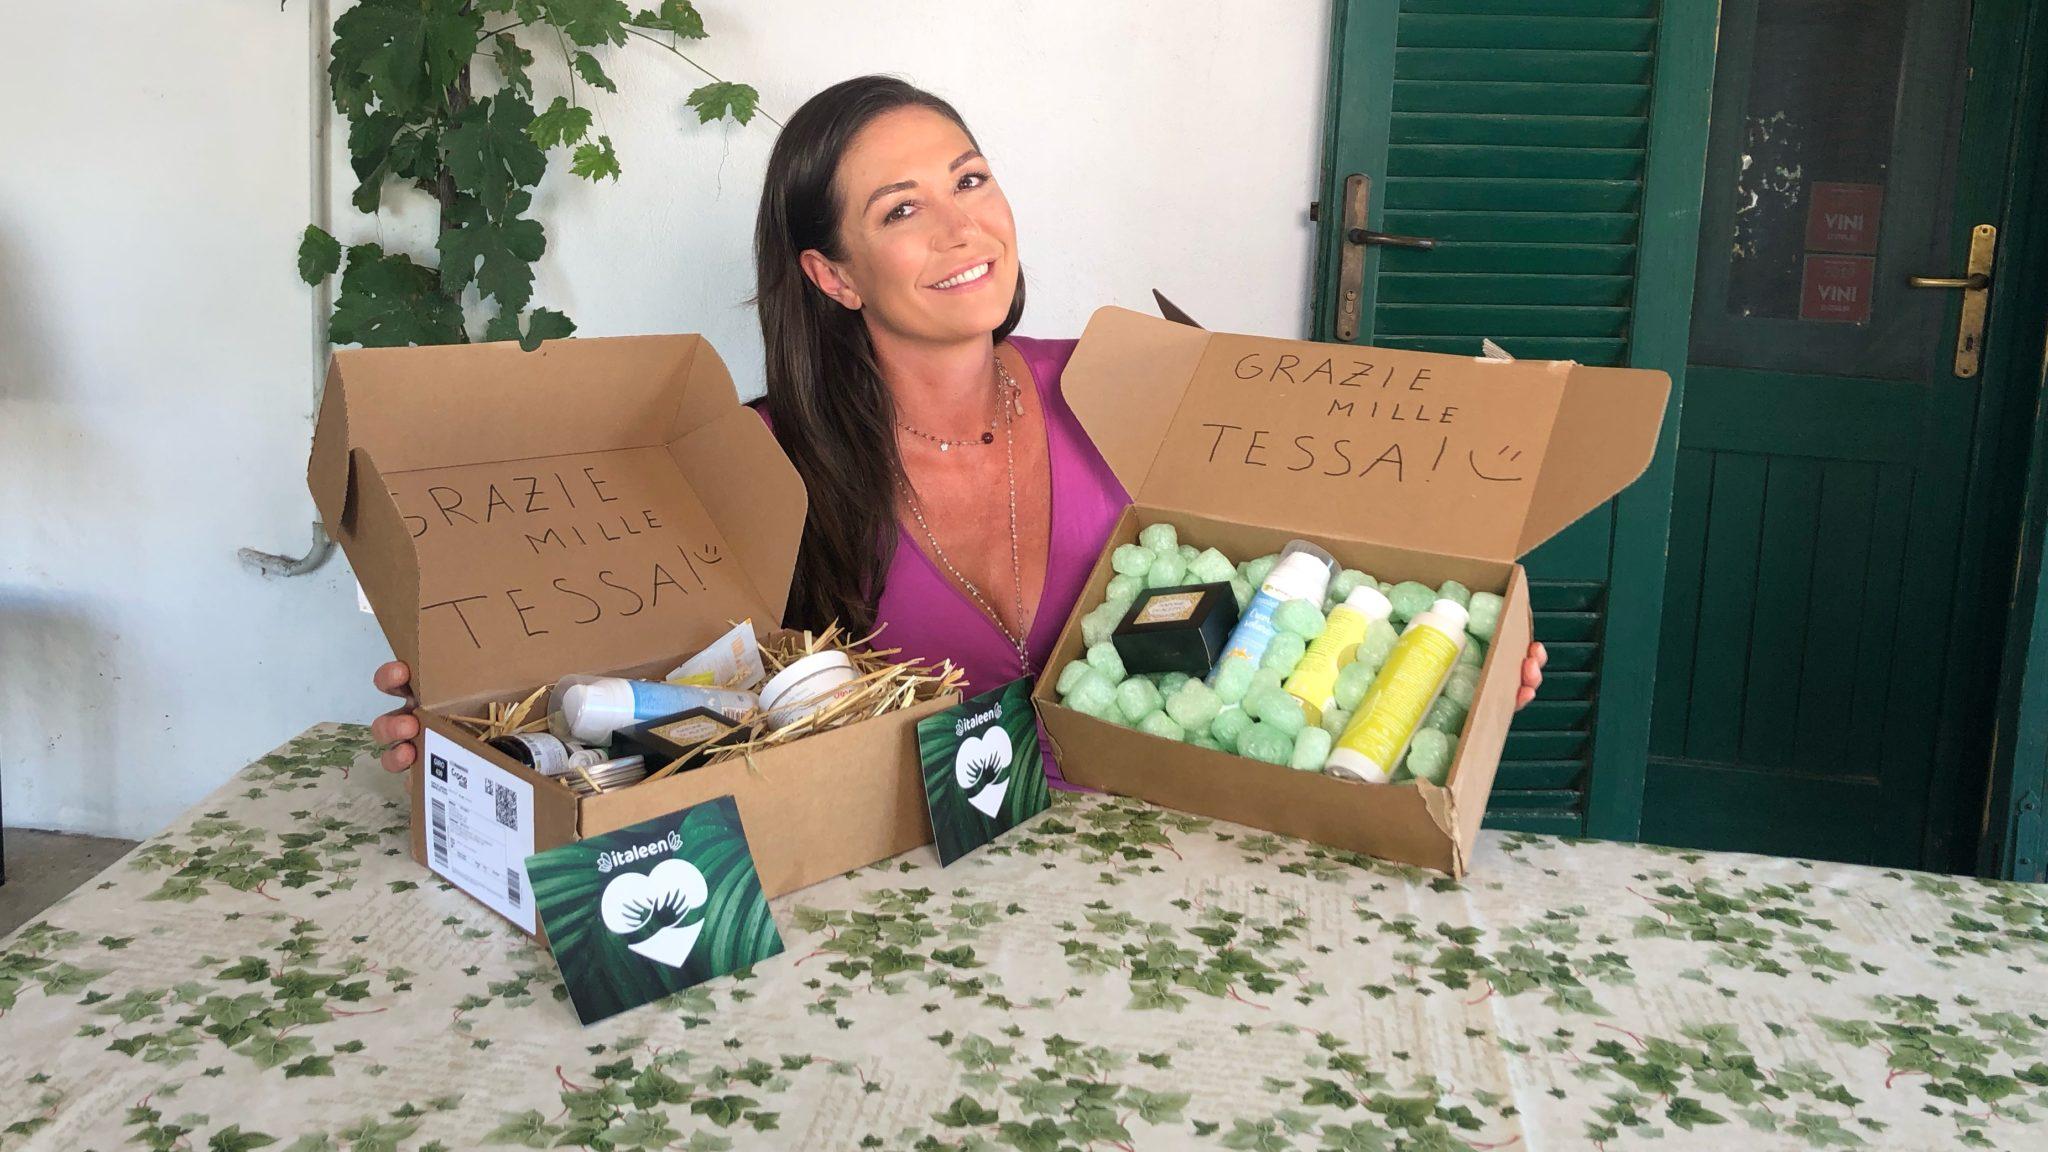 Italeen: Tessa Gelisio di Ecocentrica presenta la beauty box Mari & Monti